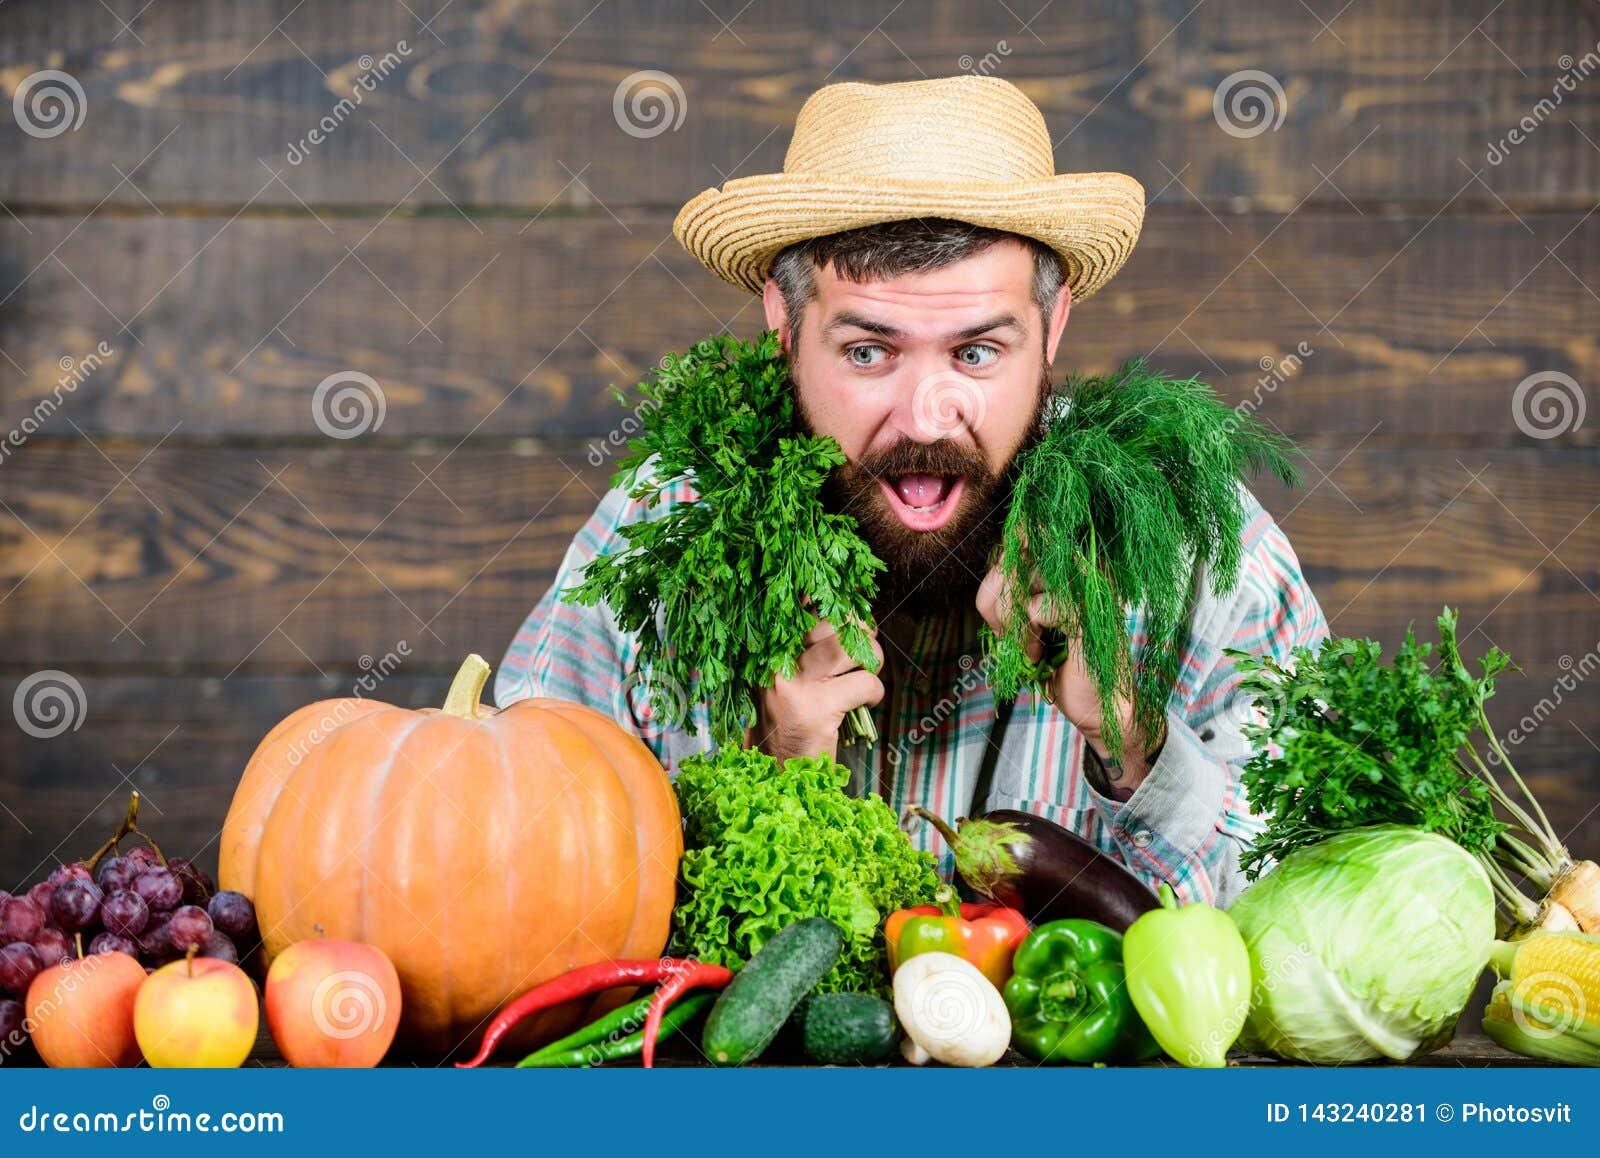 Barba sana enorme granjero maduro barbudo Festival de la cosecha cocinero del hombre con la cosecha rica del otoño Comida orgánic